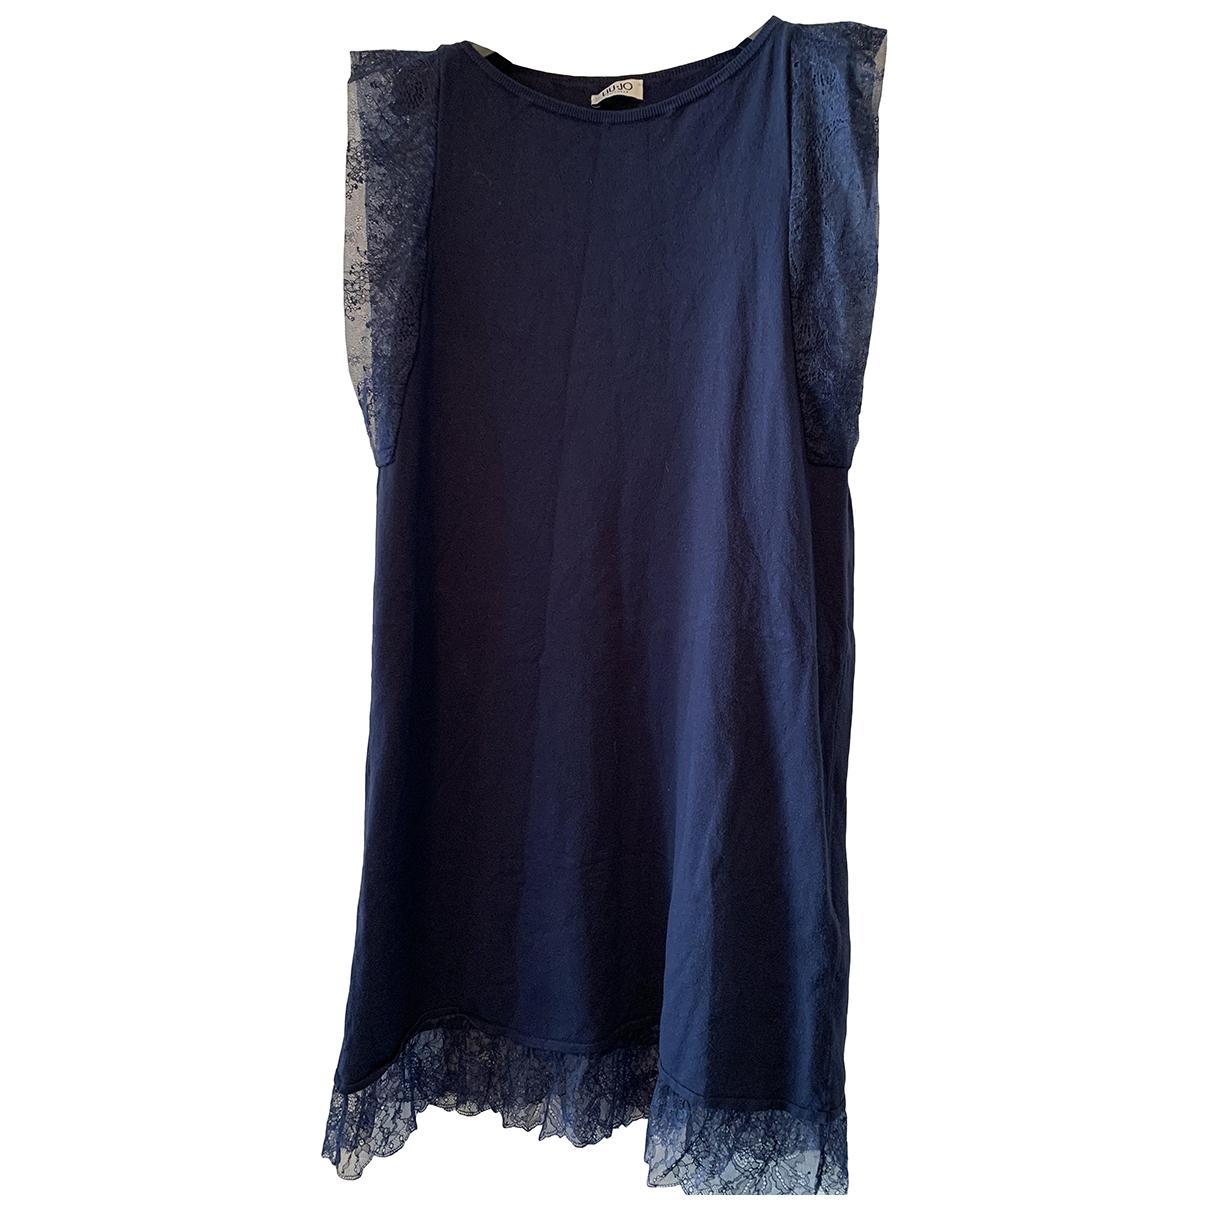 Liu.jo \N Kleid in  Blau Baumwolle - Elasthan